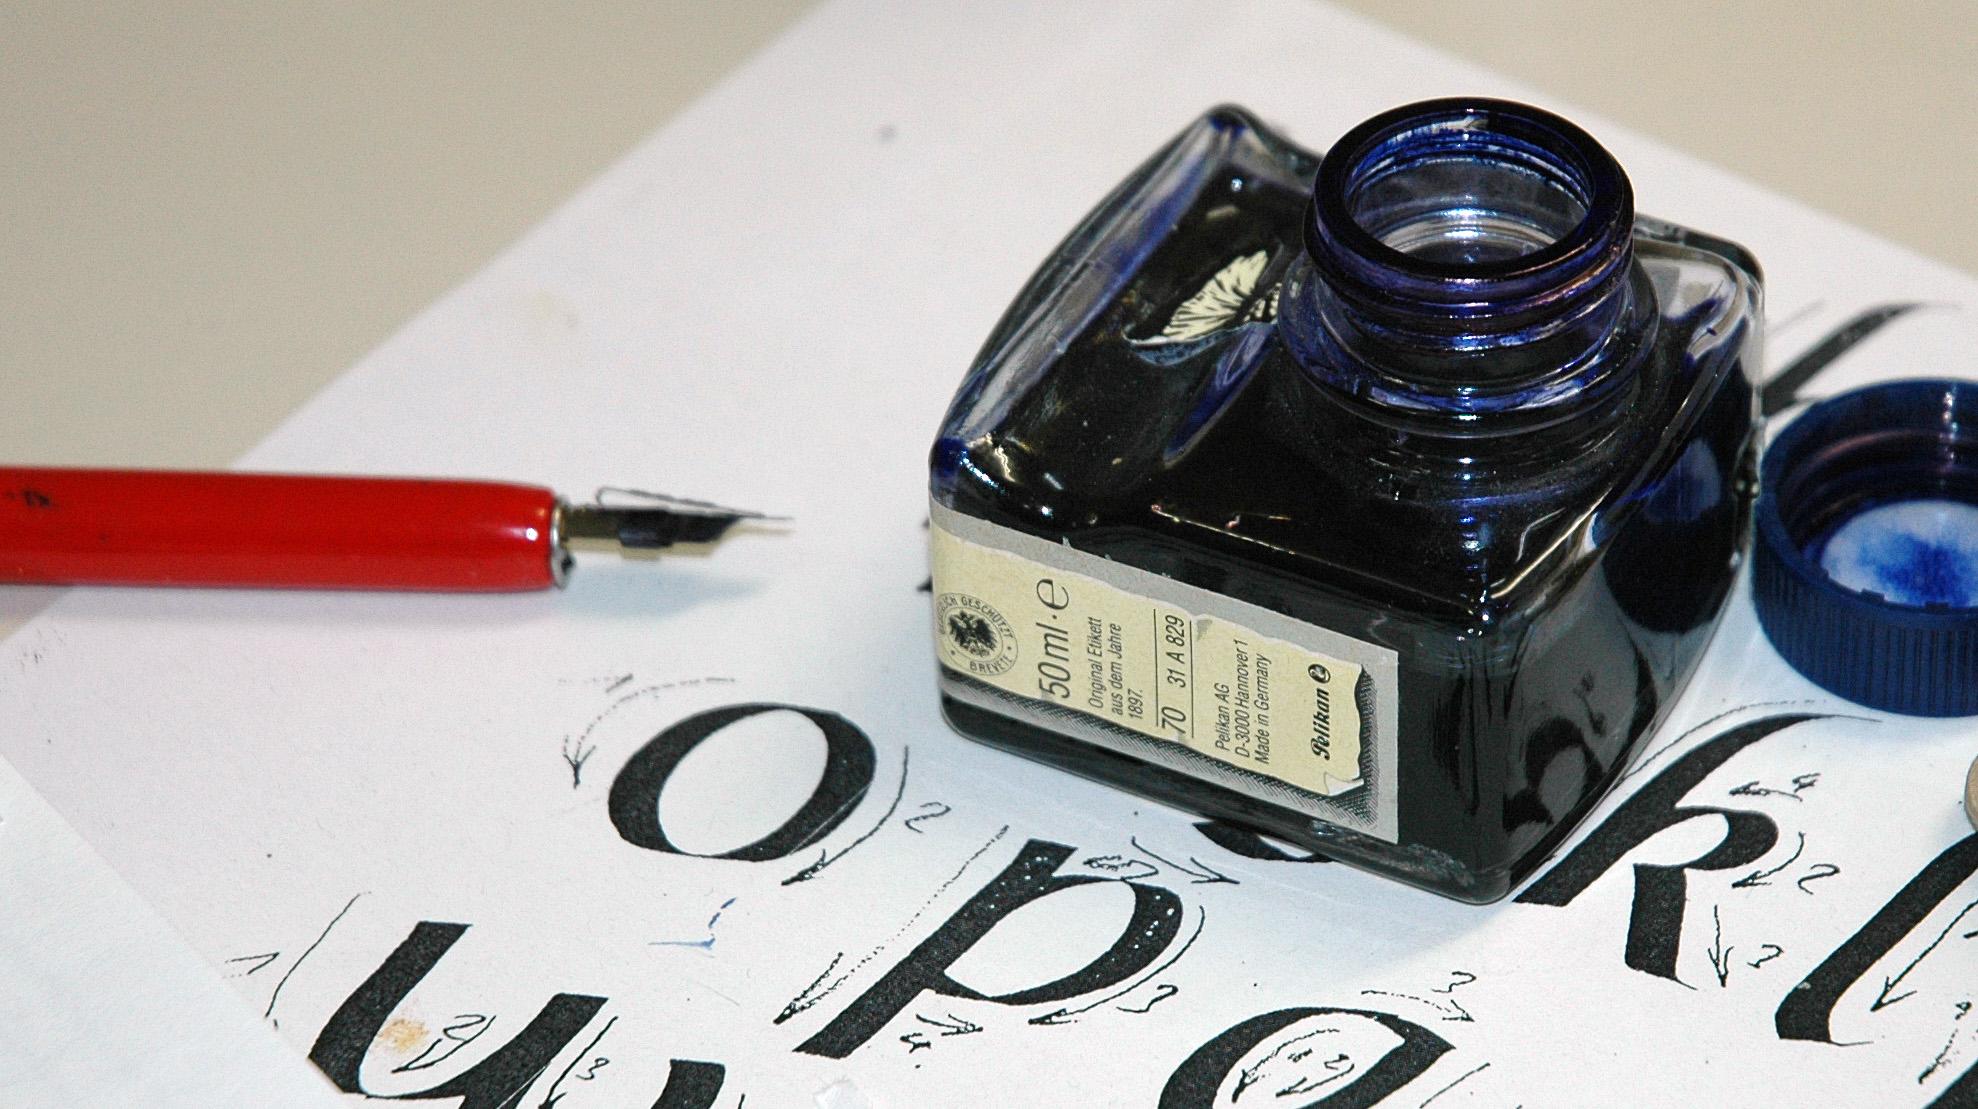 Federkiel, Tintenfass und Übungsblatt mit kalligrafischer Schrift